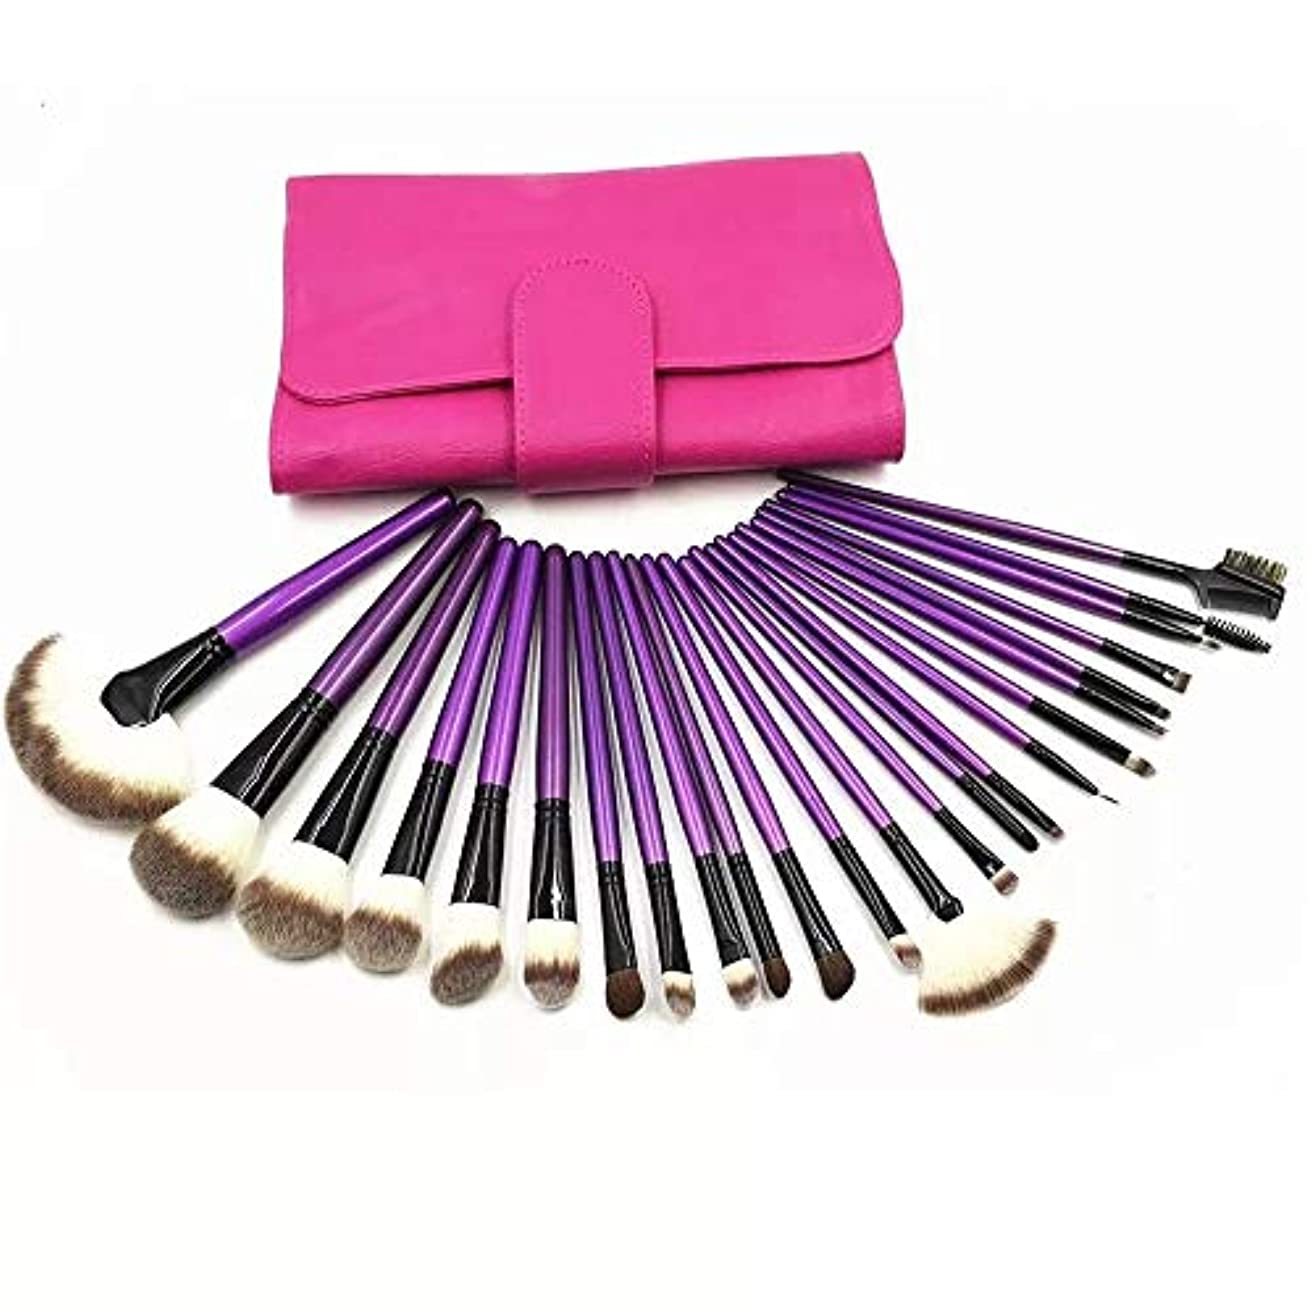 通知固有のトレーニングMakeup brushes 多様性に富んだ完璧な使用、あなたの必要性を許すために保護袖が付いている24の専門の構造のブラシの場所 suits (Color : Purple)